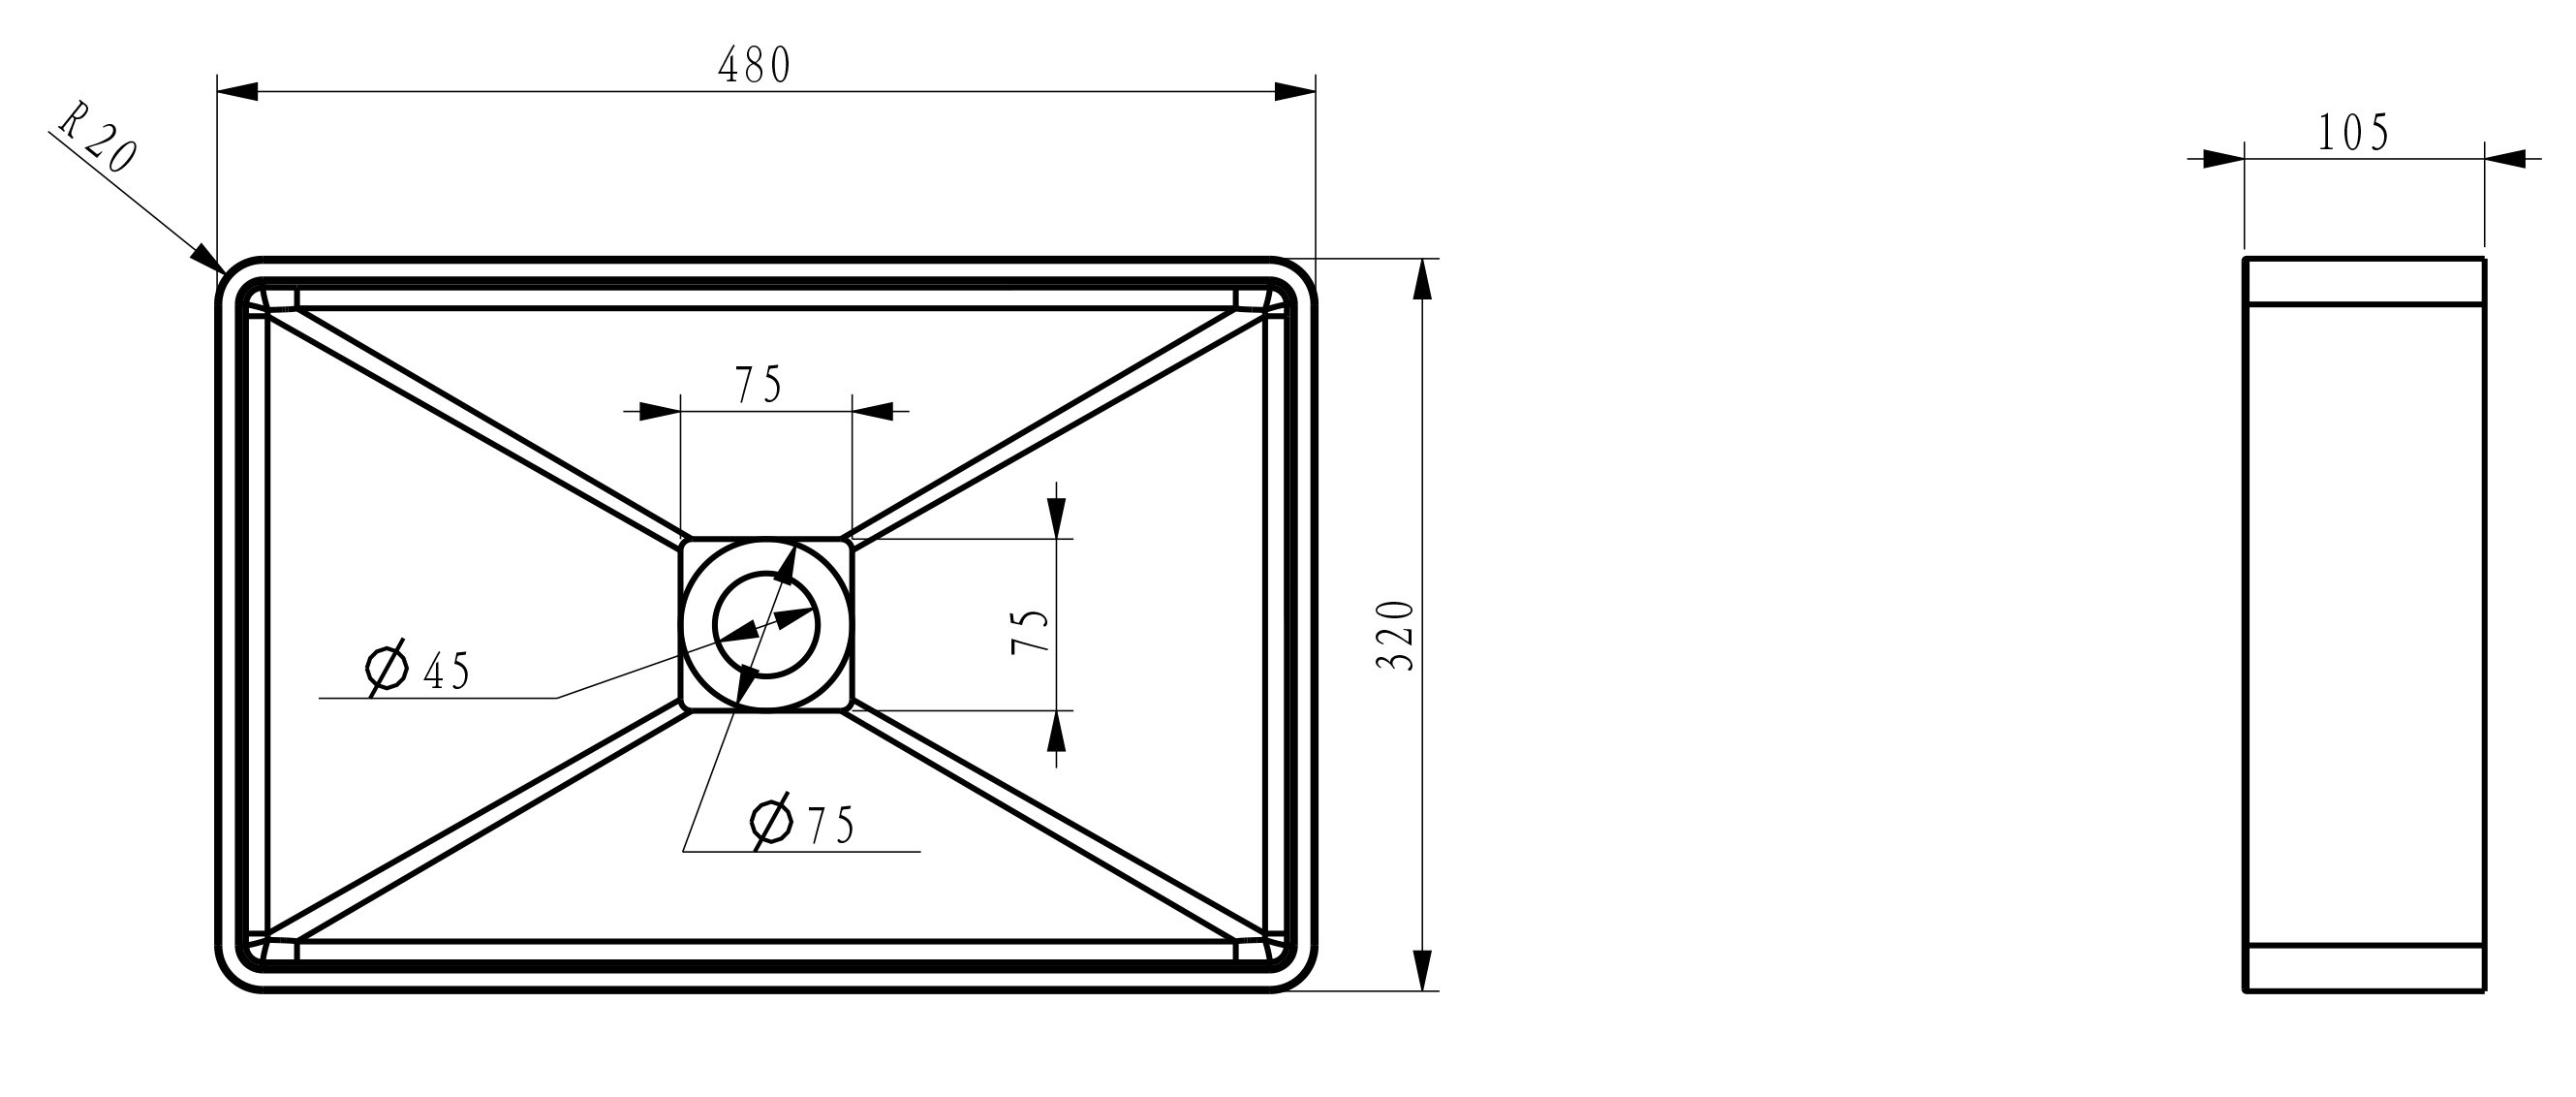 Rechteckiges Aufsatzwaschbecken Aqua PB2011B aus Mineralguss (Solid Stone) – 48 x 32 x 10,5 cm -  Farbe wählbar